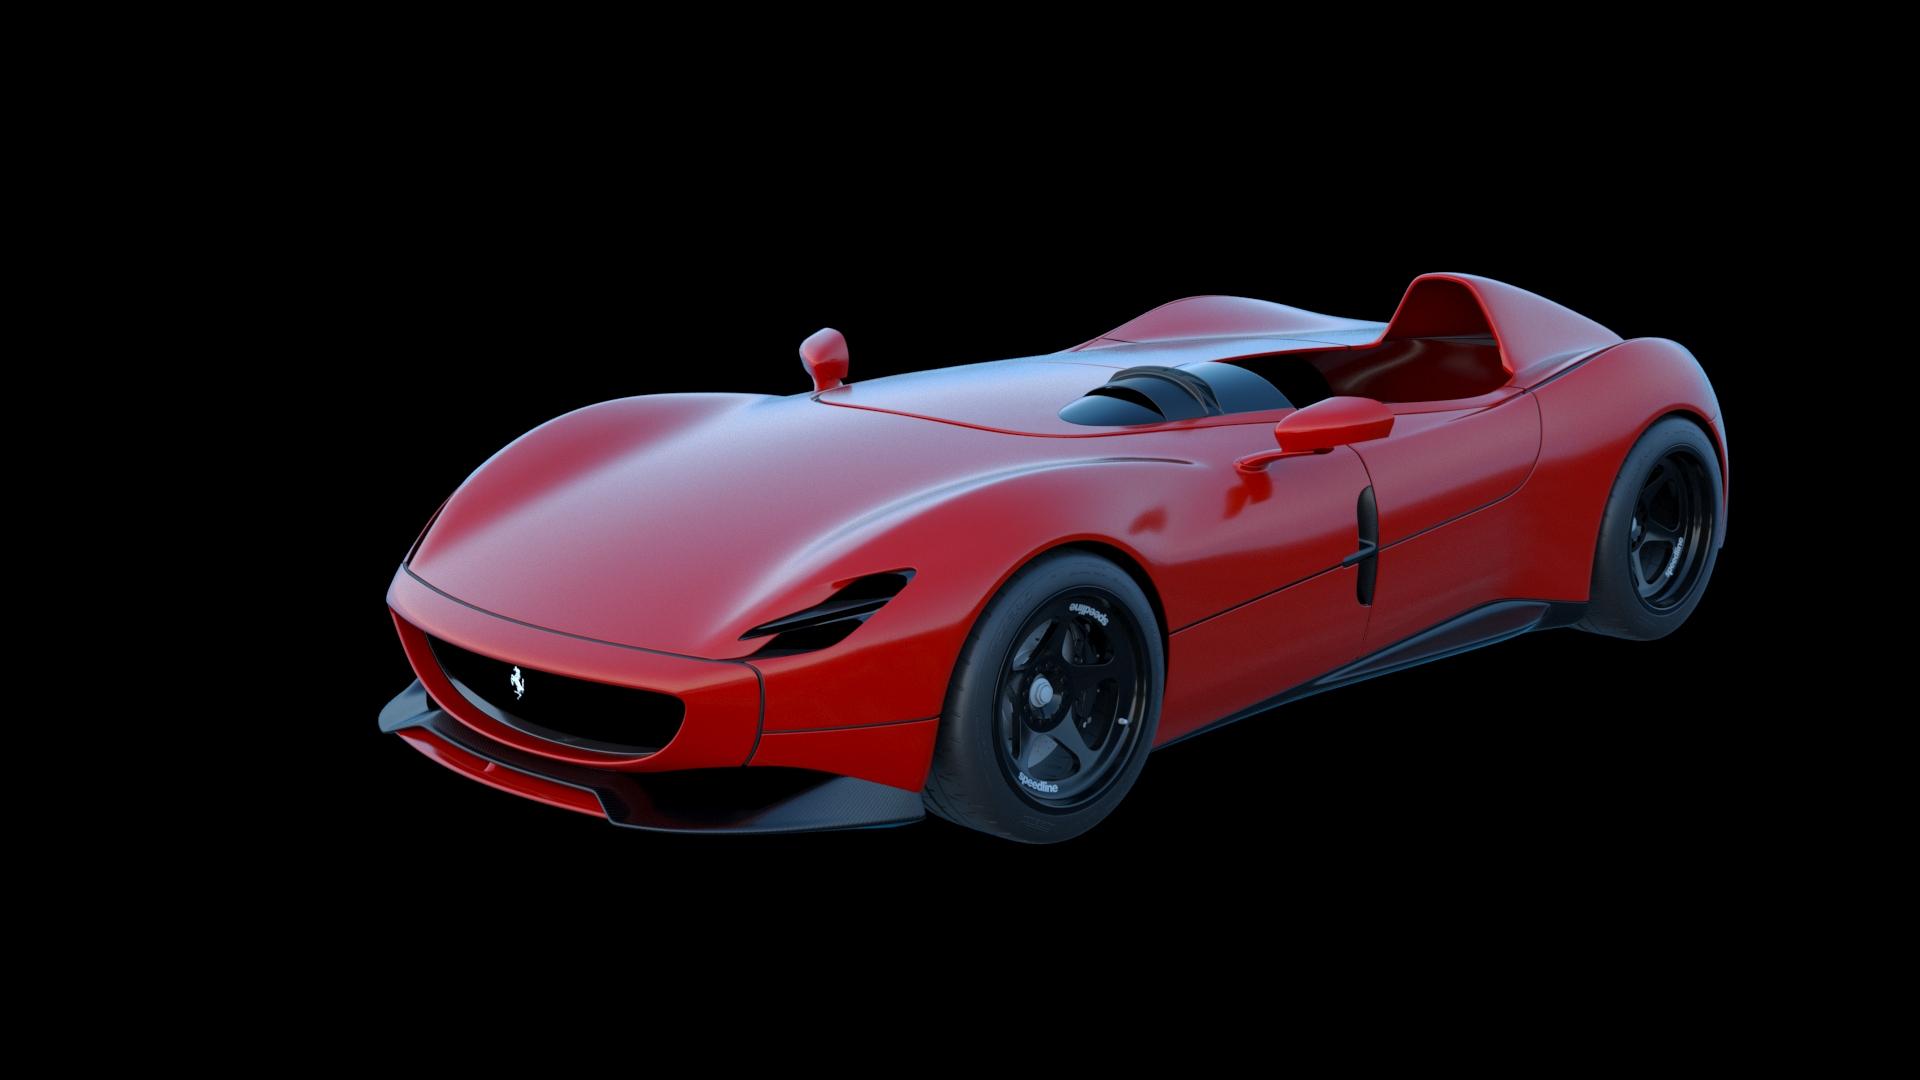 2019 Car Render Challenge - Monza SP